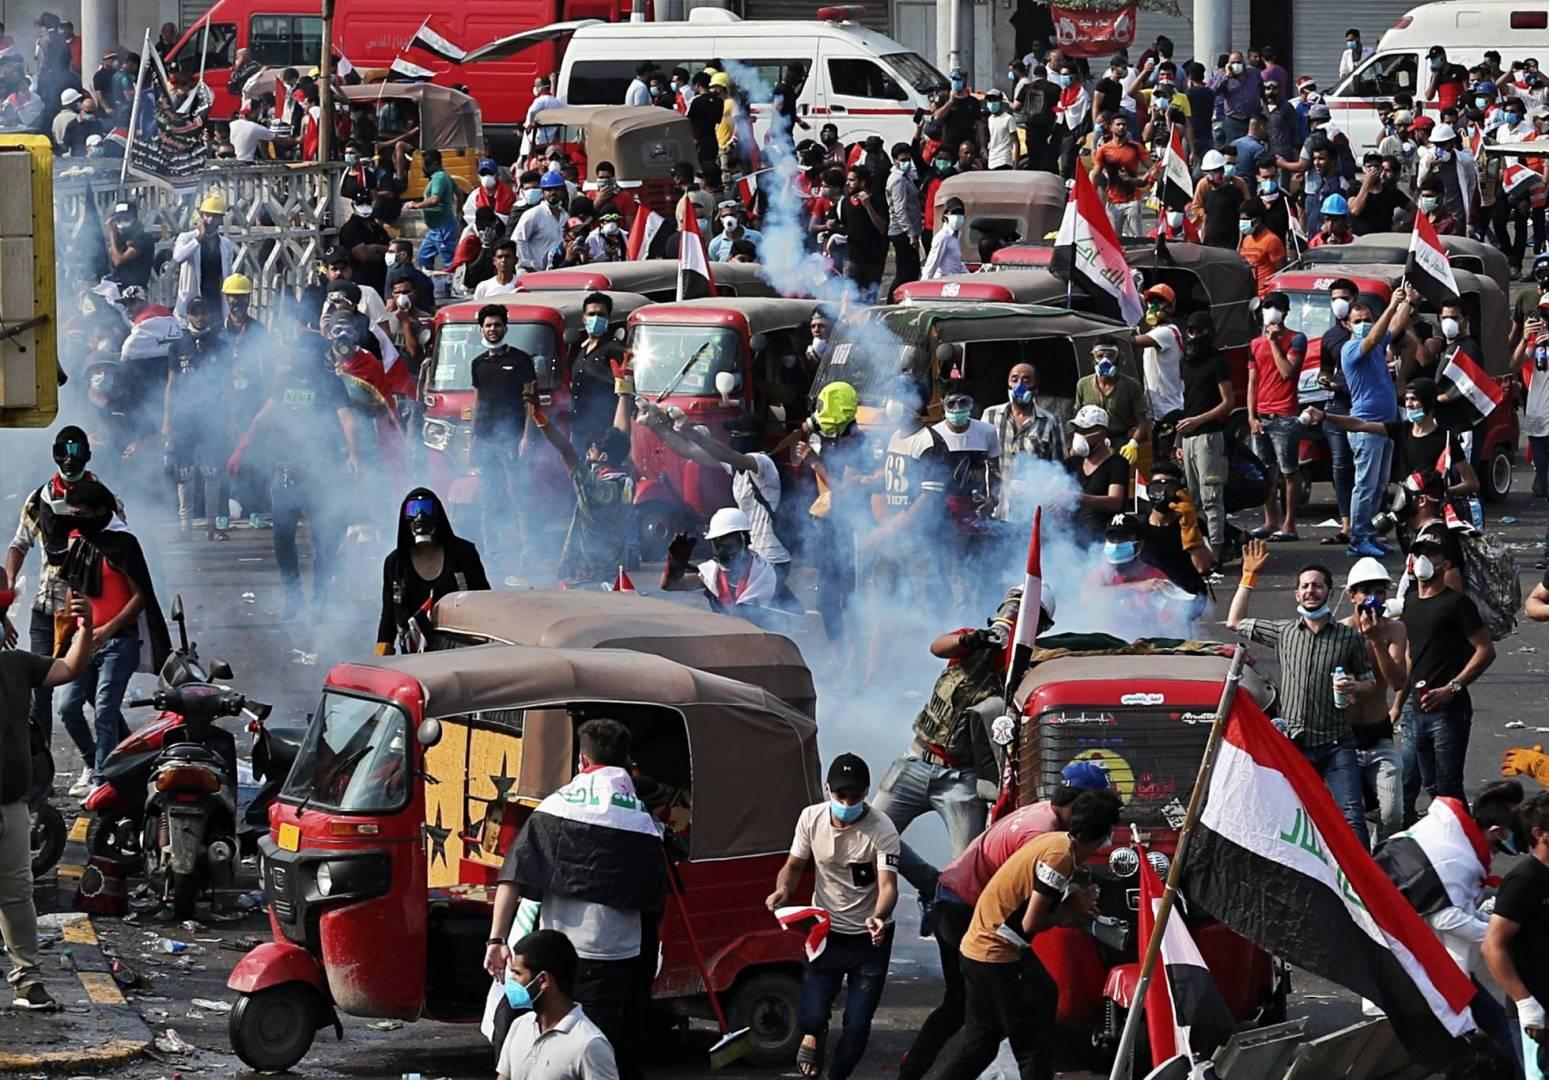 مواجهات جديدة بين المحتجين وقوات الأمن العراقية على جسر السنك في بغداد